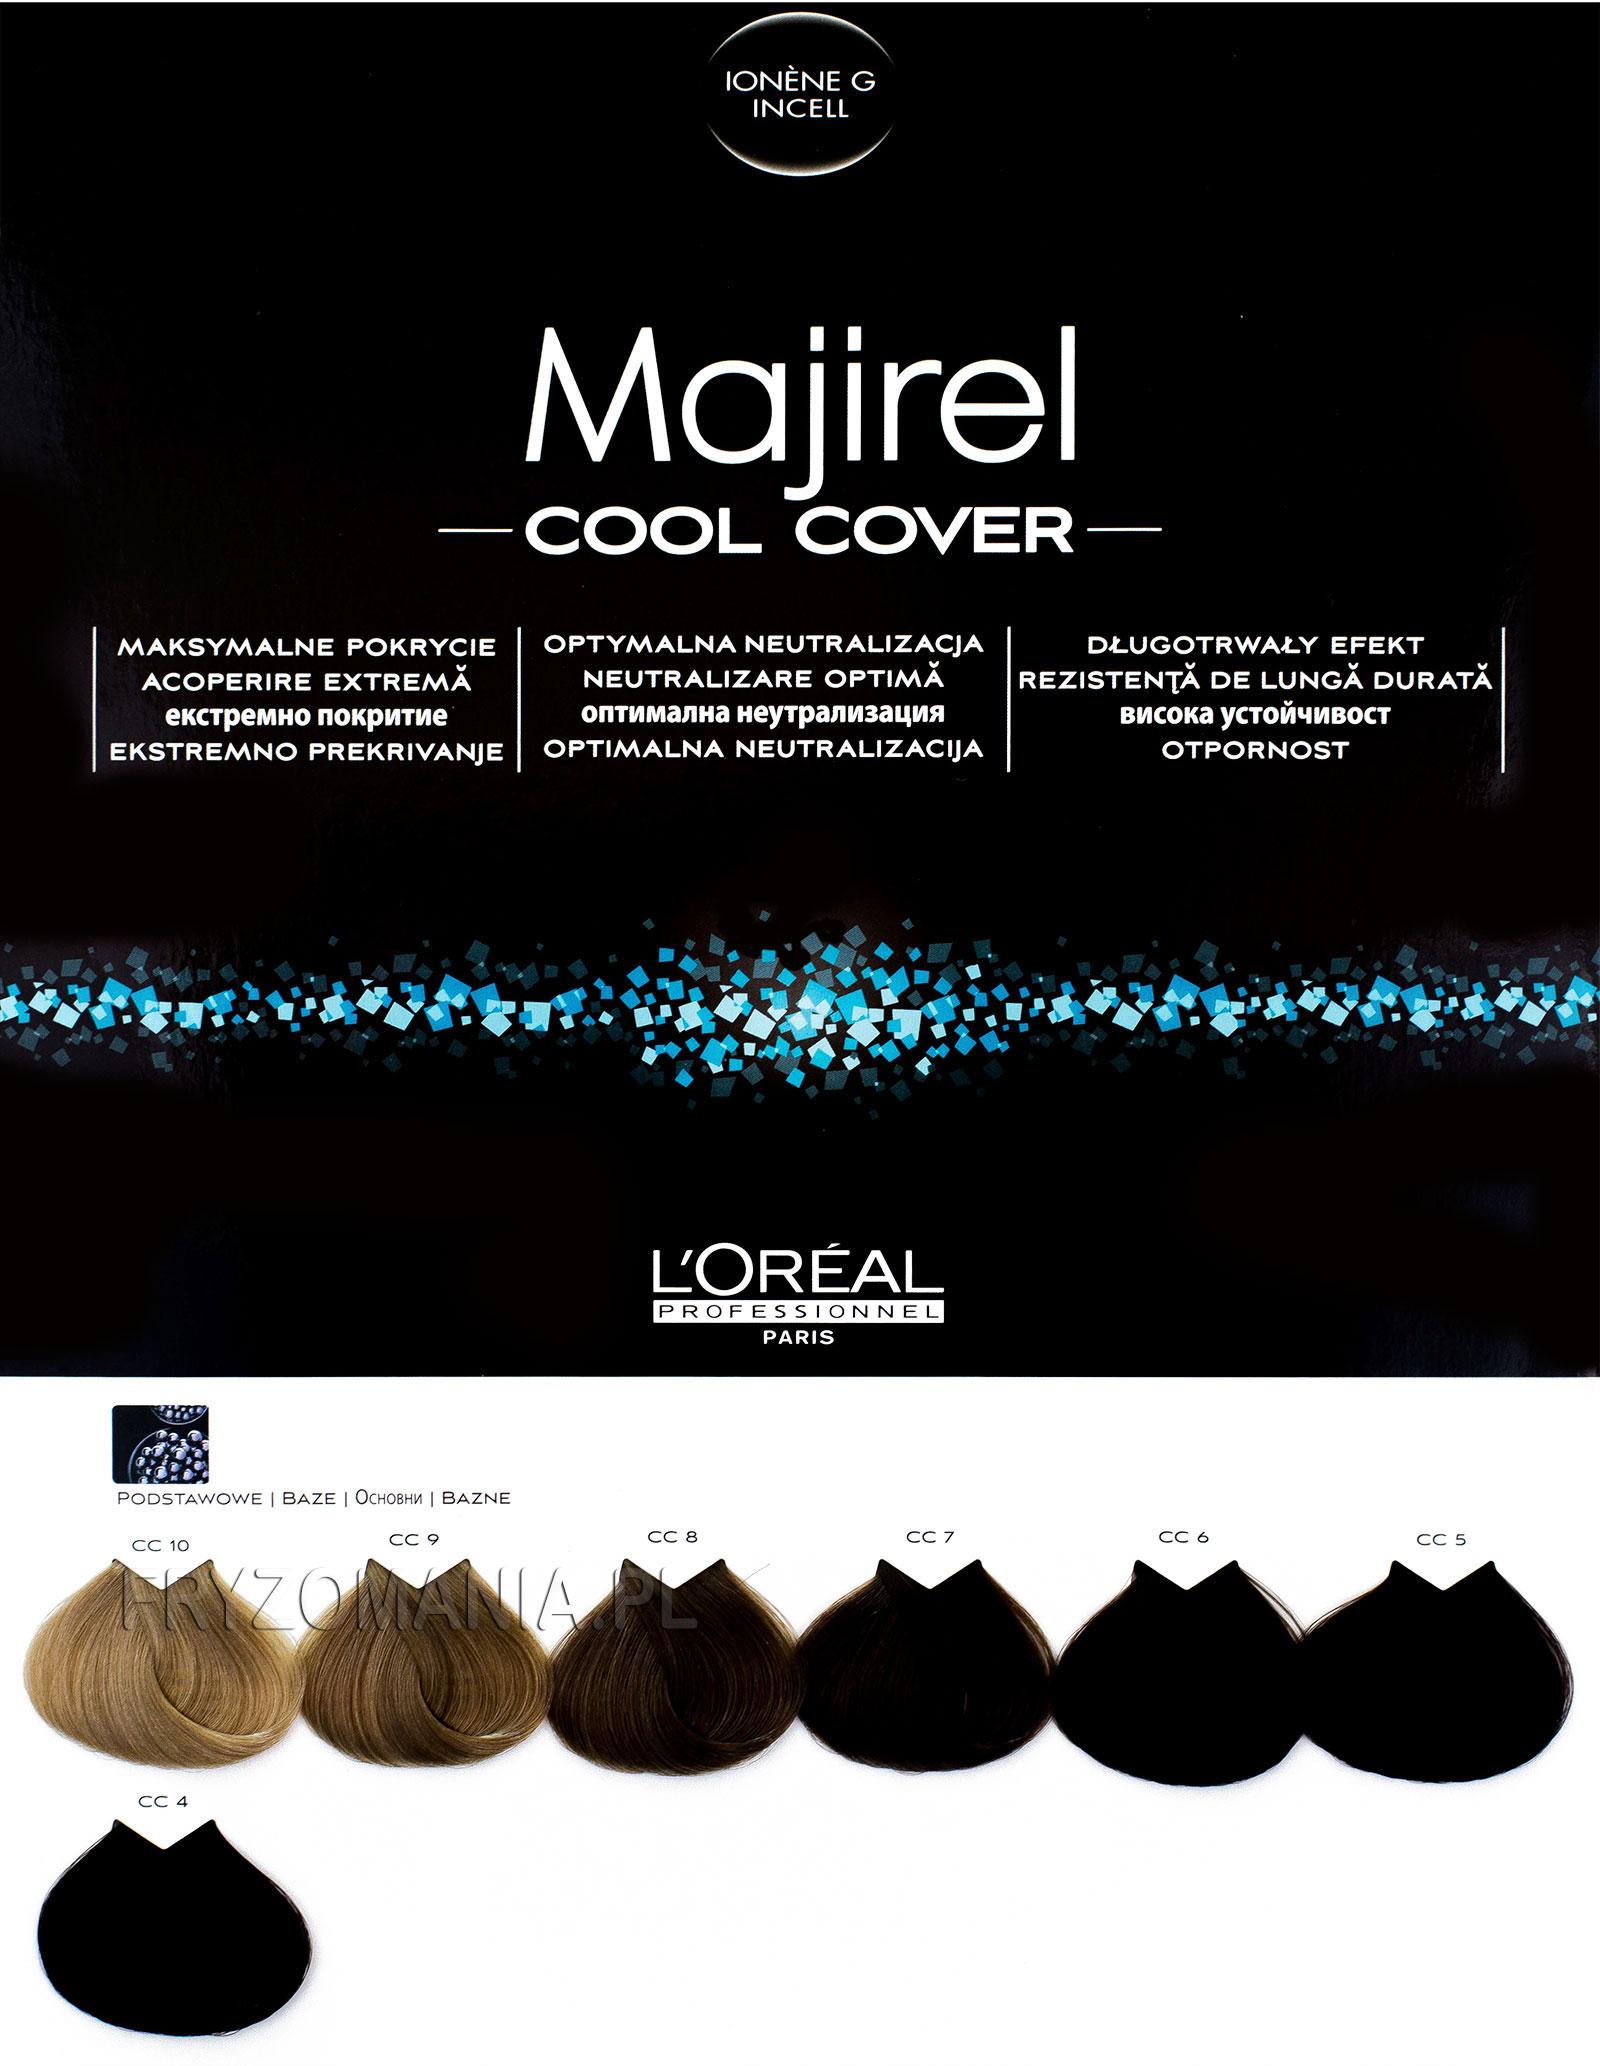 Loreal Majirel Cool Cover Farba Do Trwałej Koloryzacji